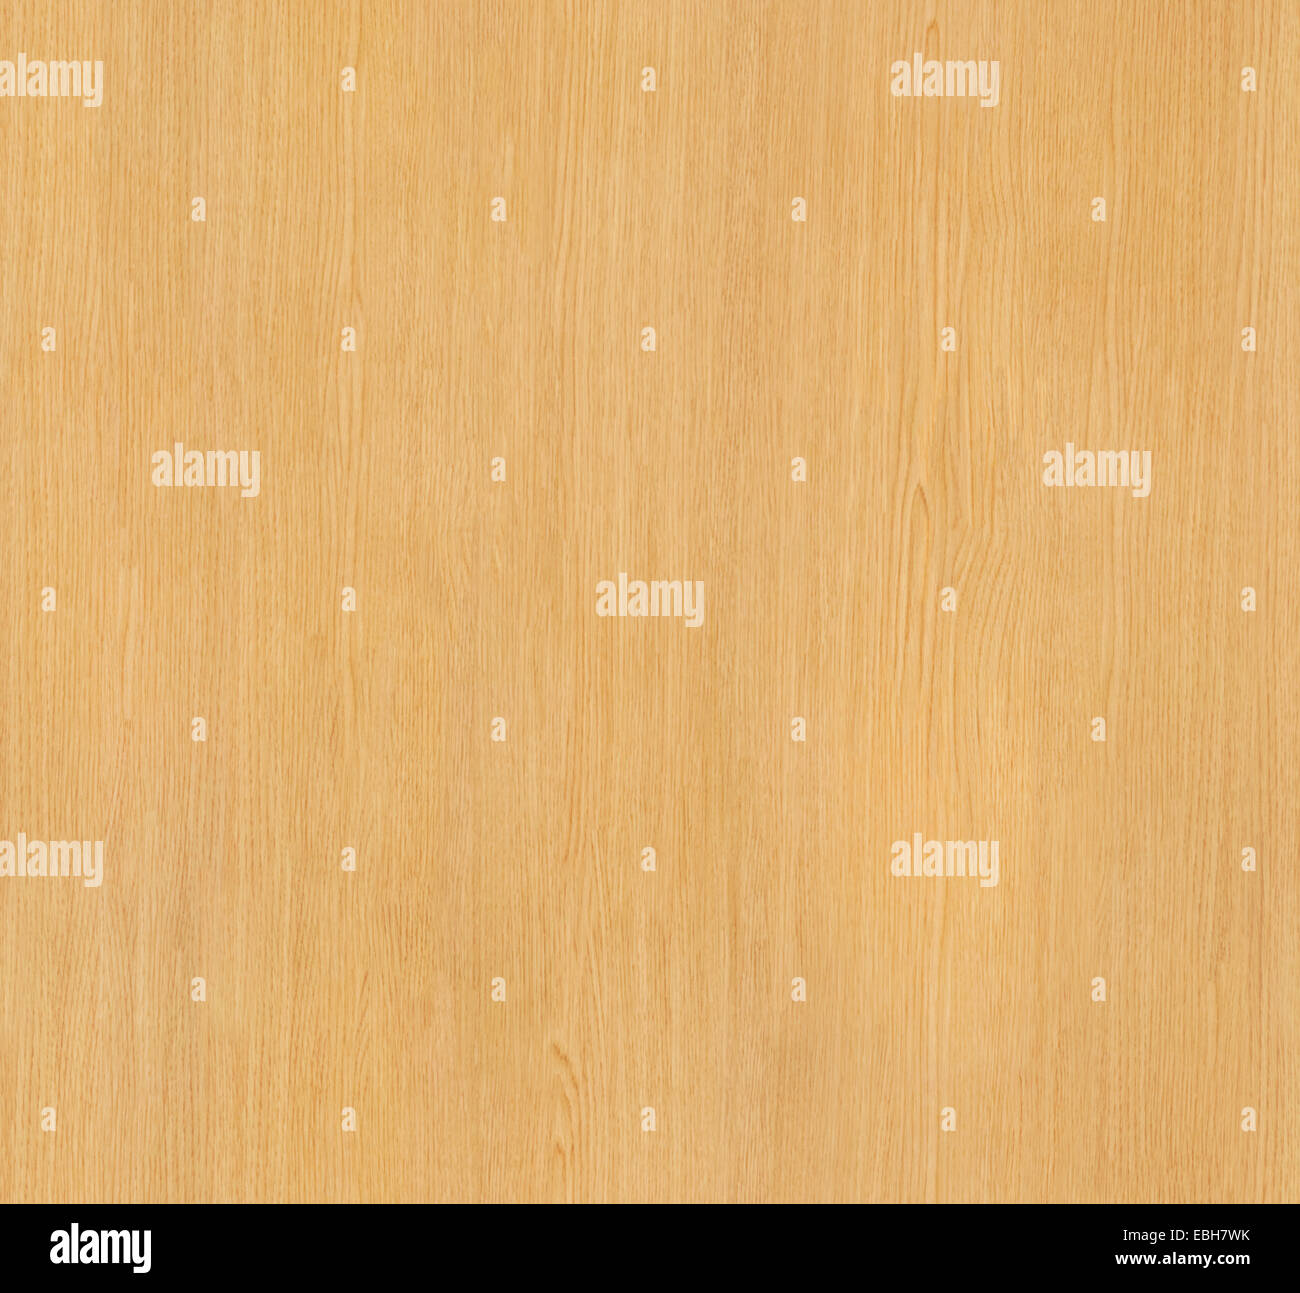 Hellen Holz nahtlose Hintergrundtextur mit Körnern und Knoten, Hintergrund kann mit Ziegeln gedeckt werden. Stockbild